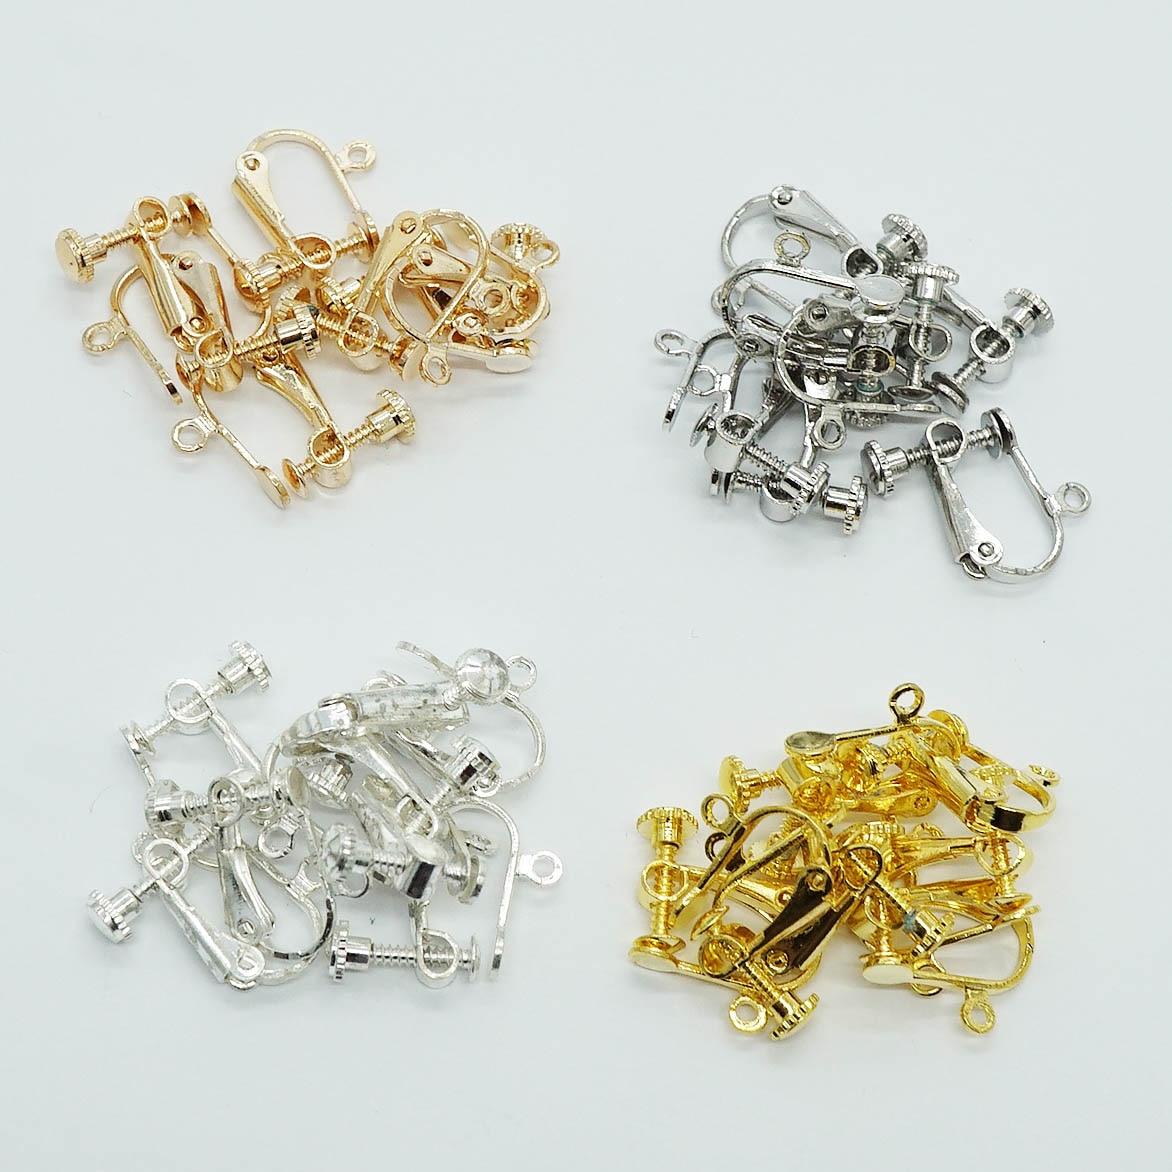 Clip-on Pendientes,16 Piezas de Convertidores de Aretes Ajustable Components Metal sin Agujero de la Oreja para Hacer Pendientes,4 Colores